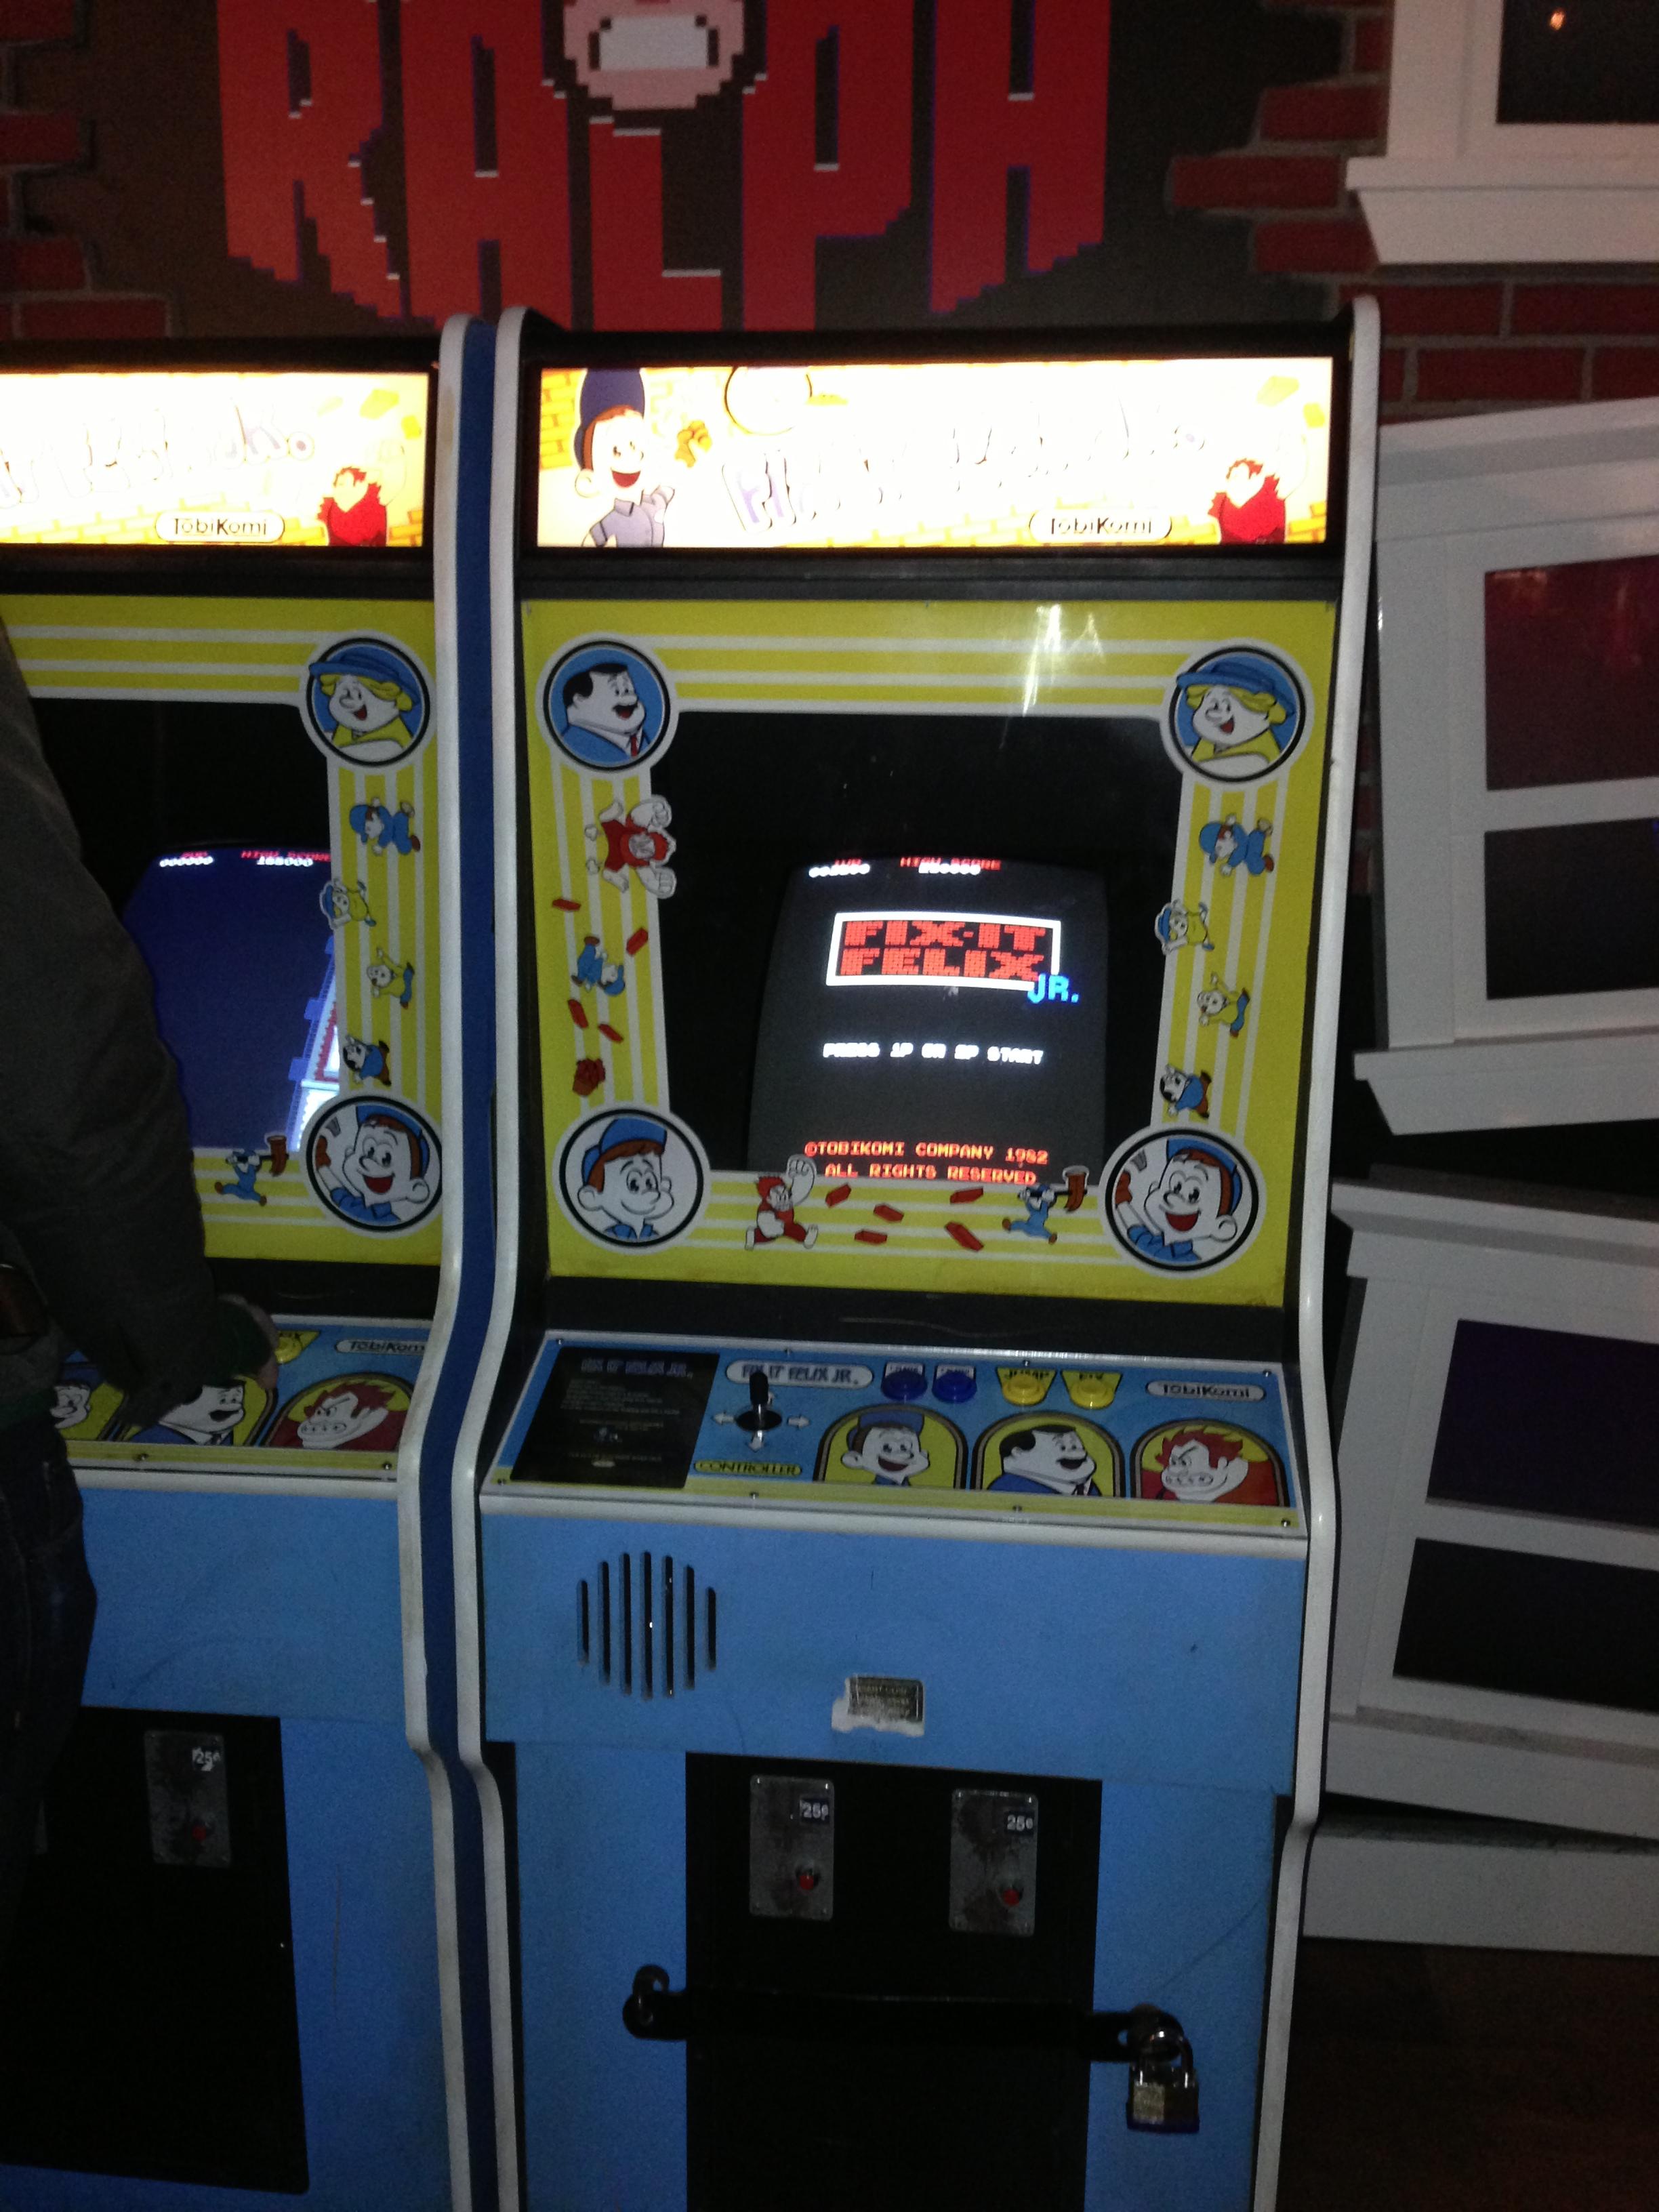 Fix It Felix Jr. Arcade Cabinet